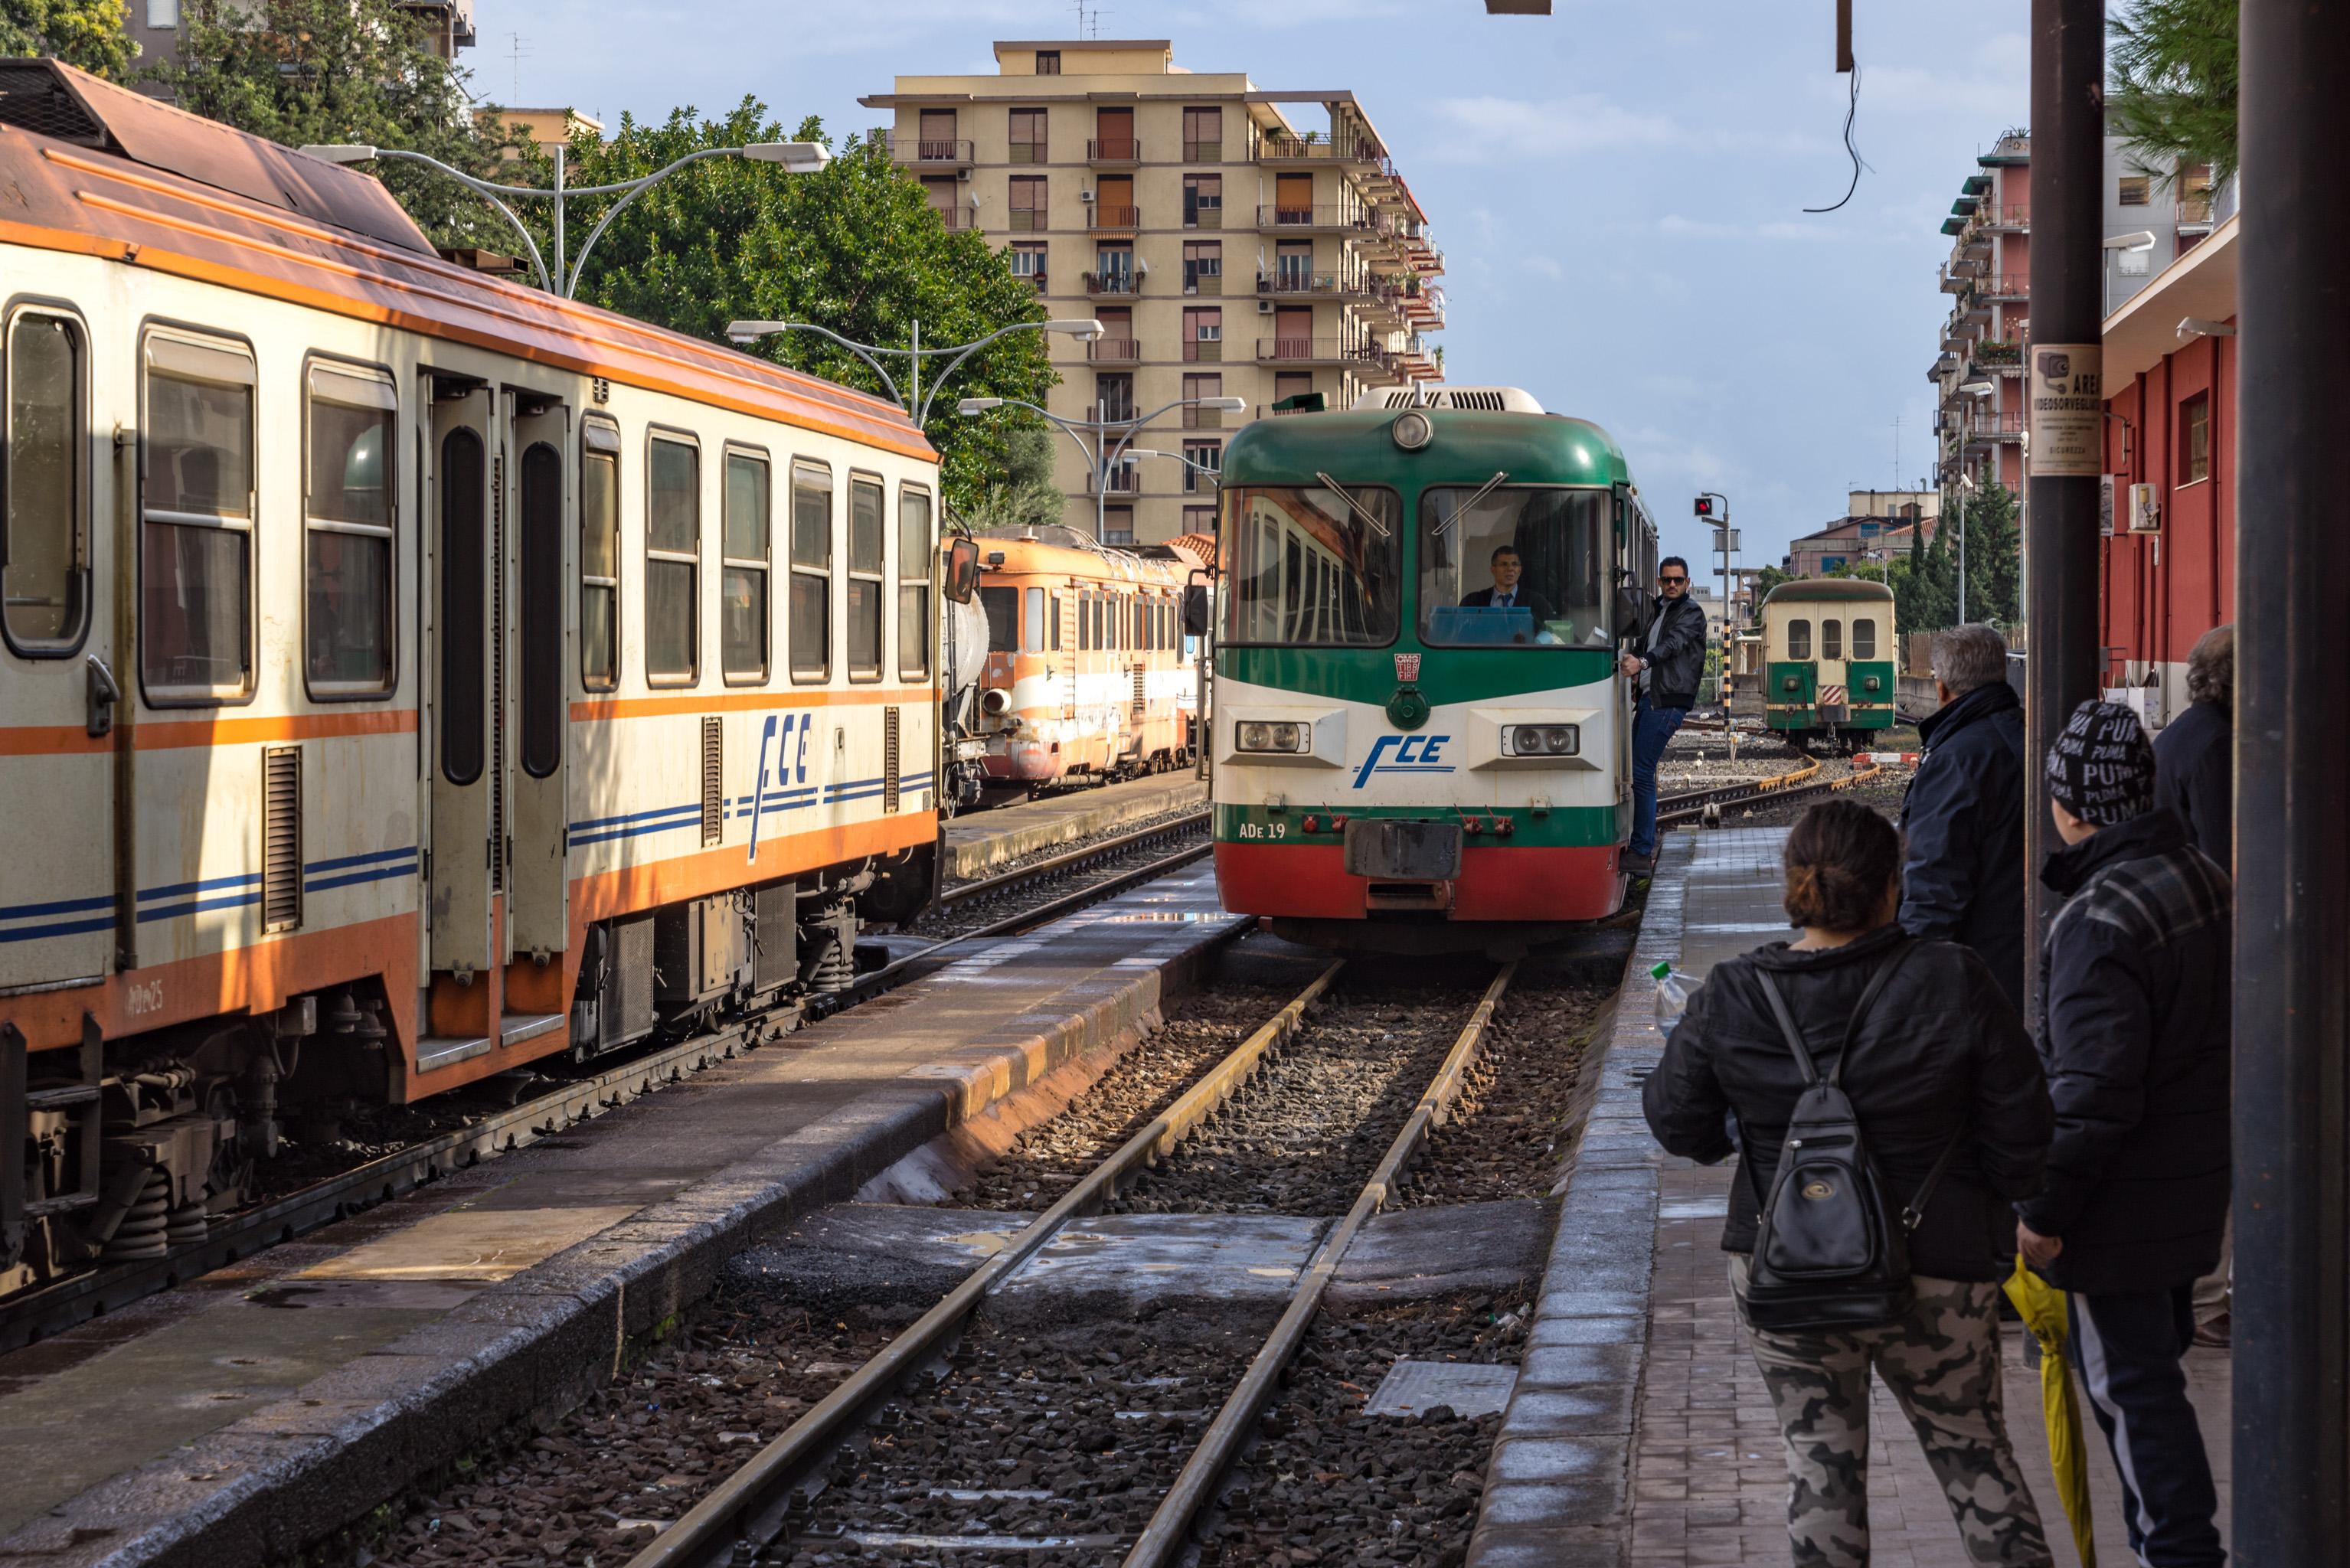 Italien: Catania - Ferrovia Circumetnea